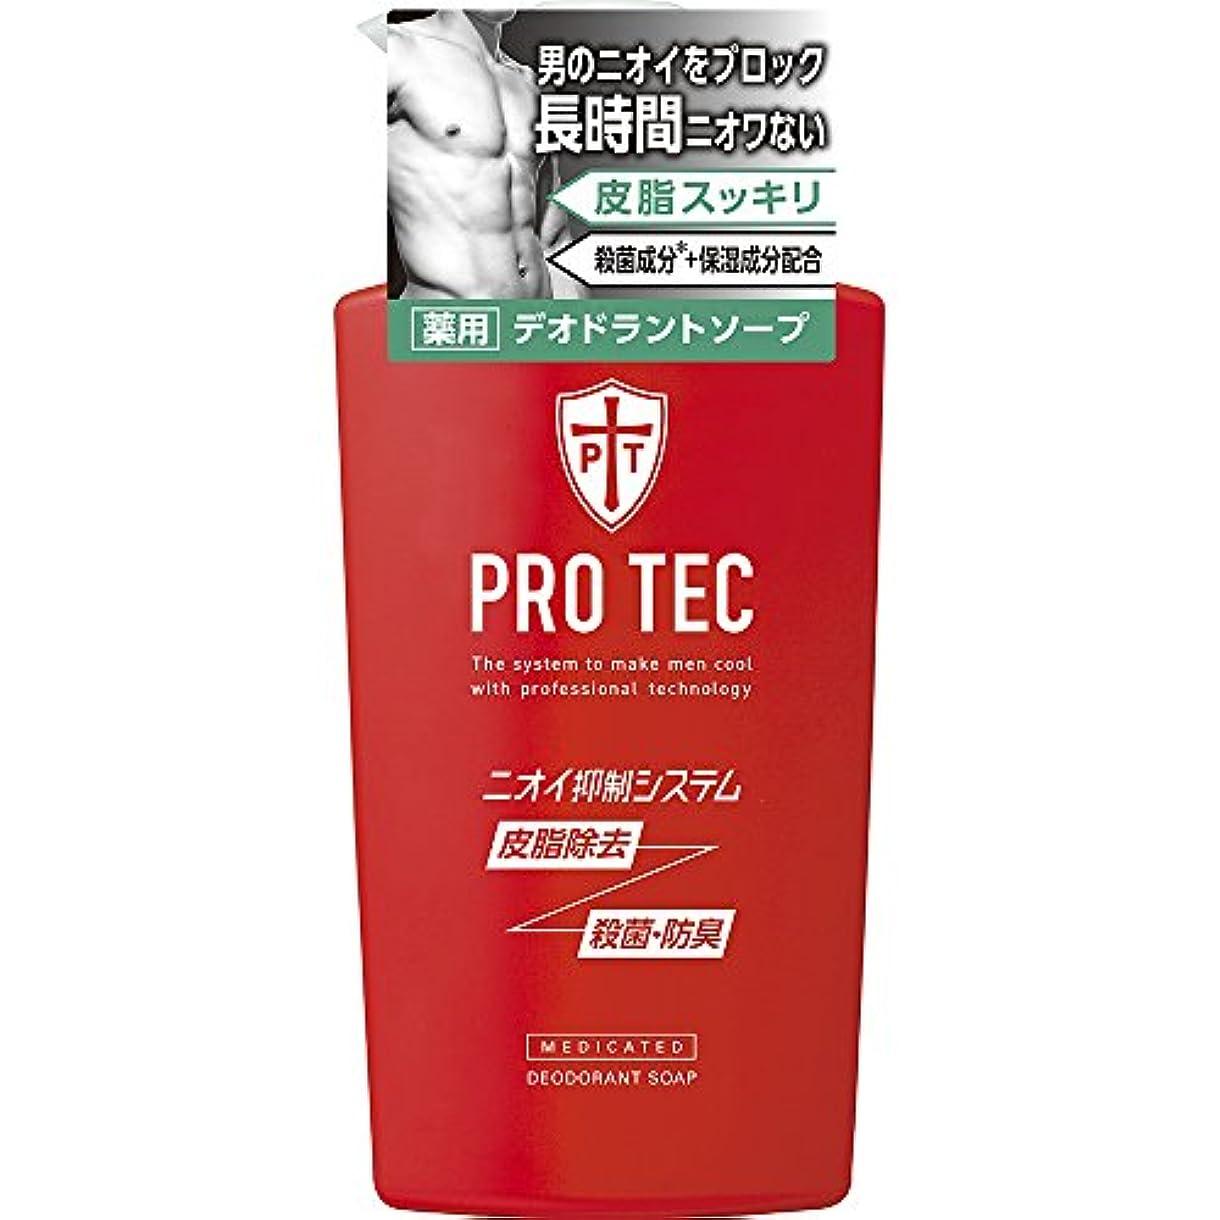 摂氏度アルファベットネストPRO TEC(プロテク) デオドラントソープ 本体ポンプ 420ml